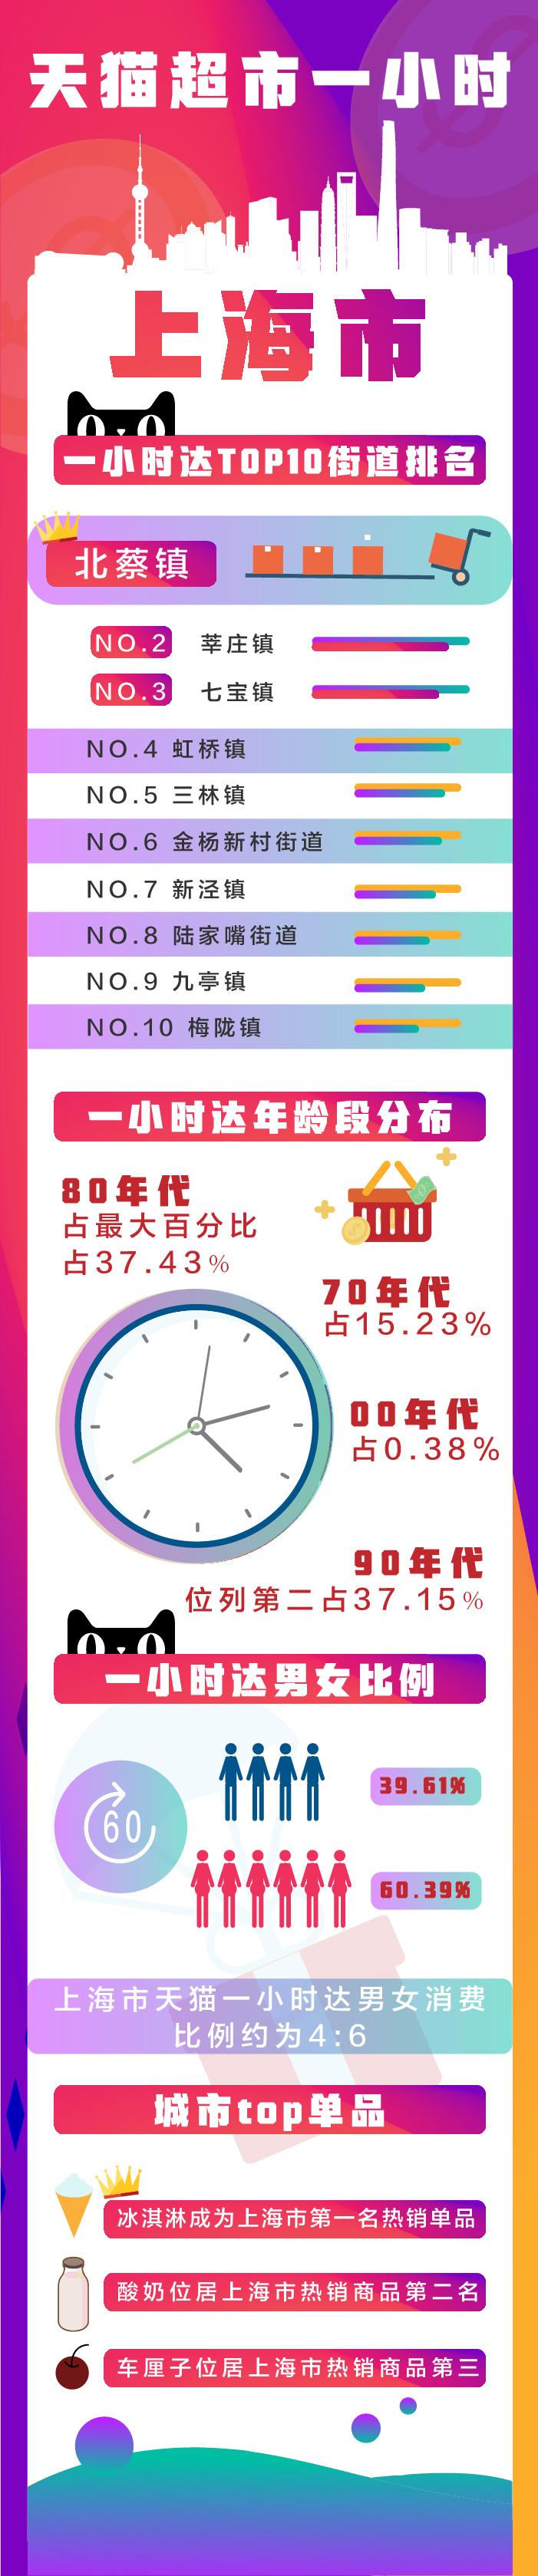 一小时达****0街道(上海)